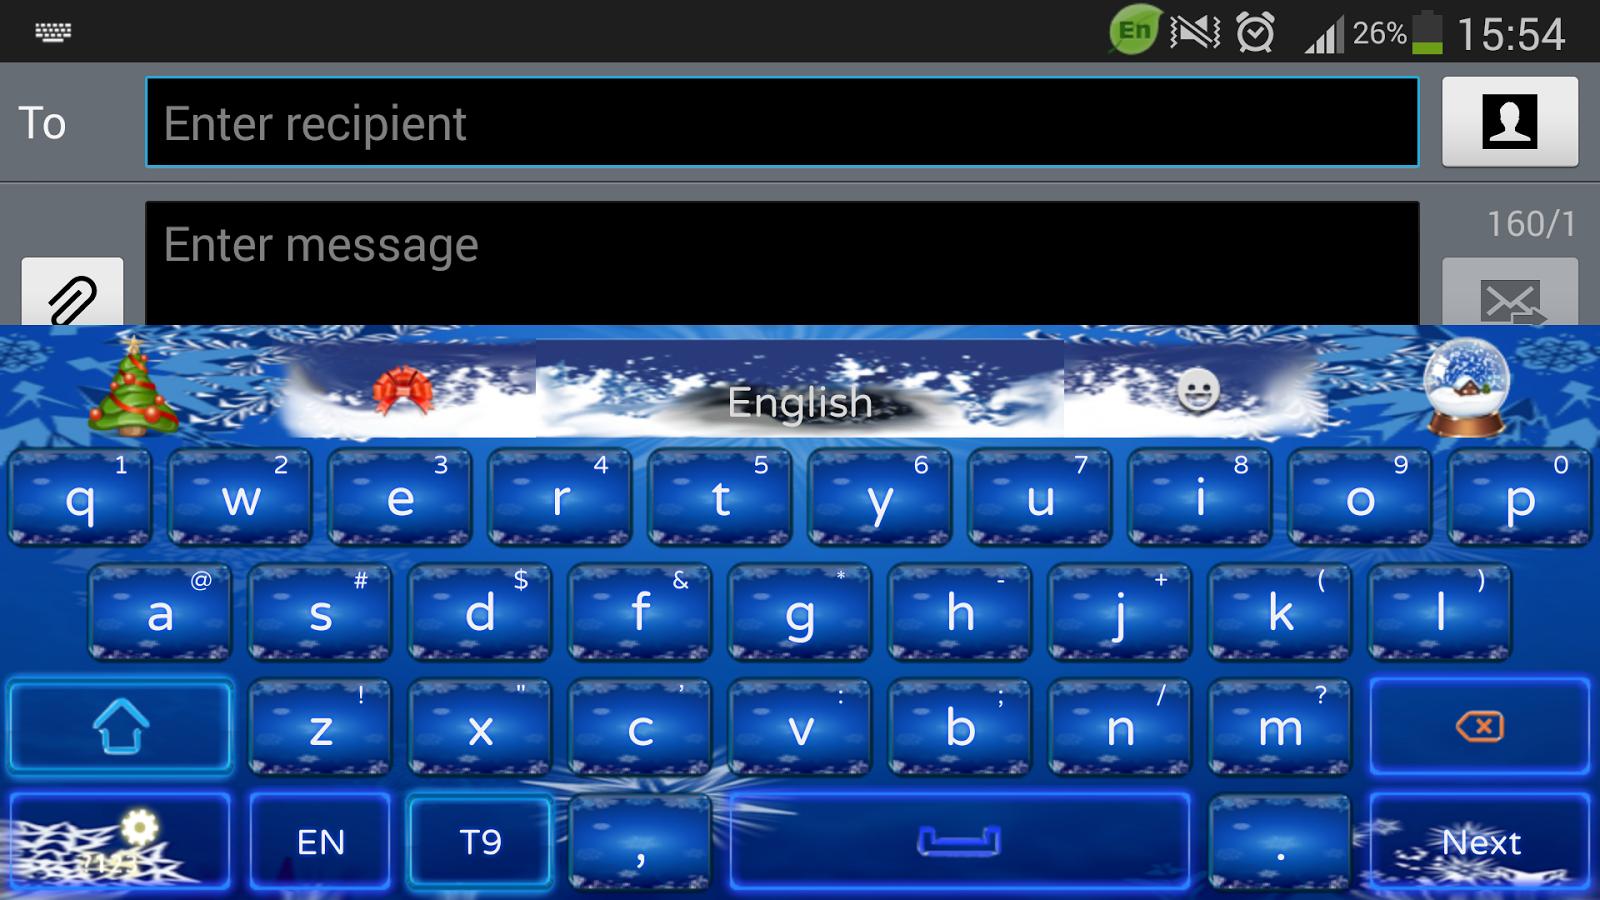 Gmail christmas theme - Christmas Hd Theme Screenshot